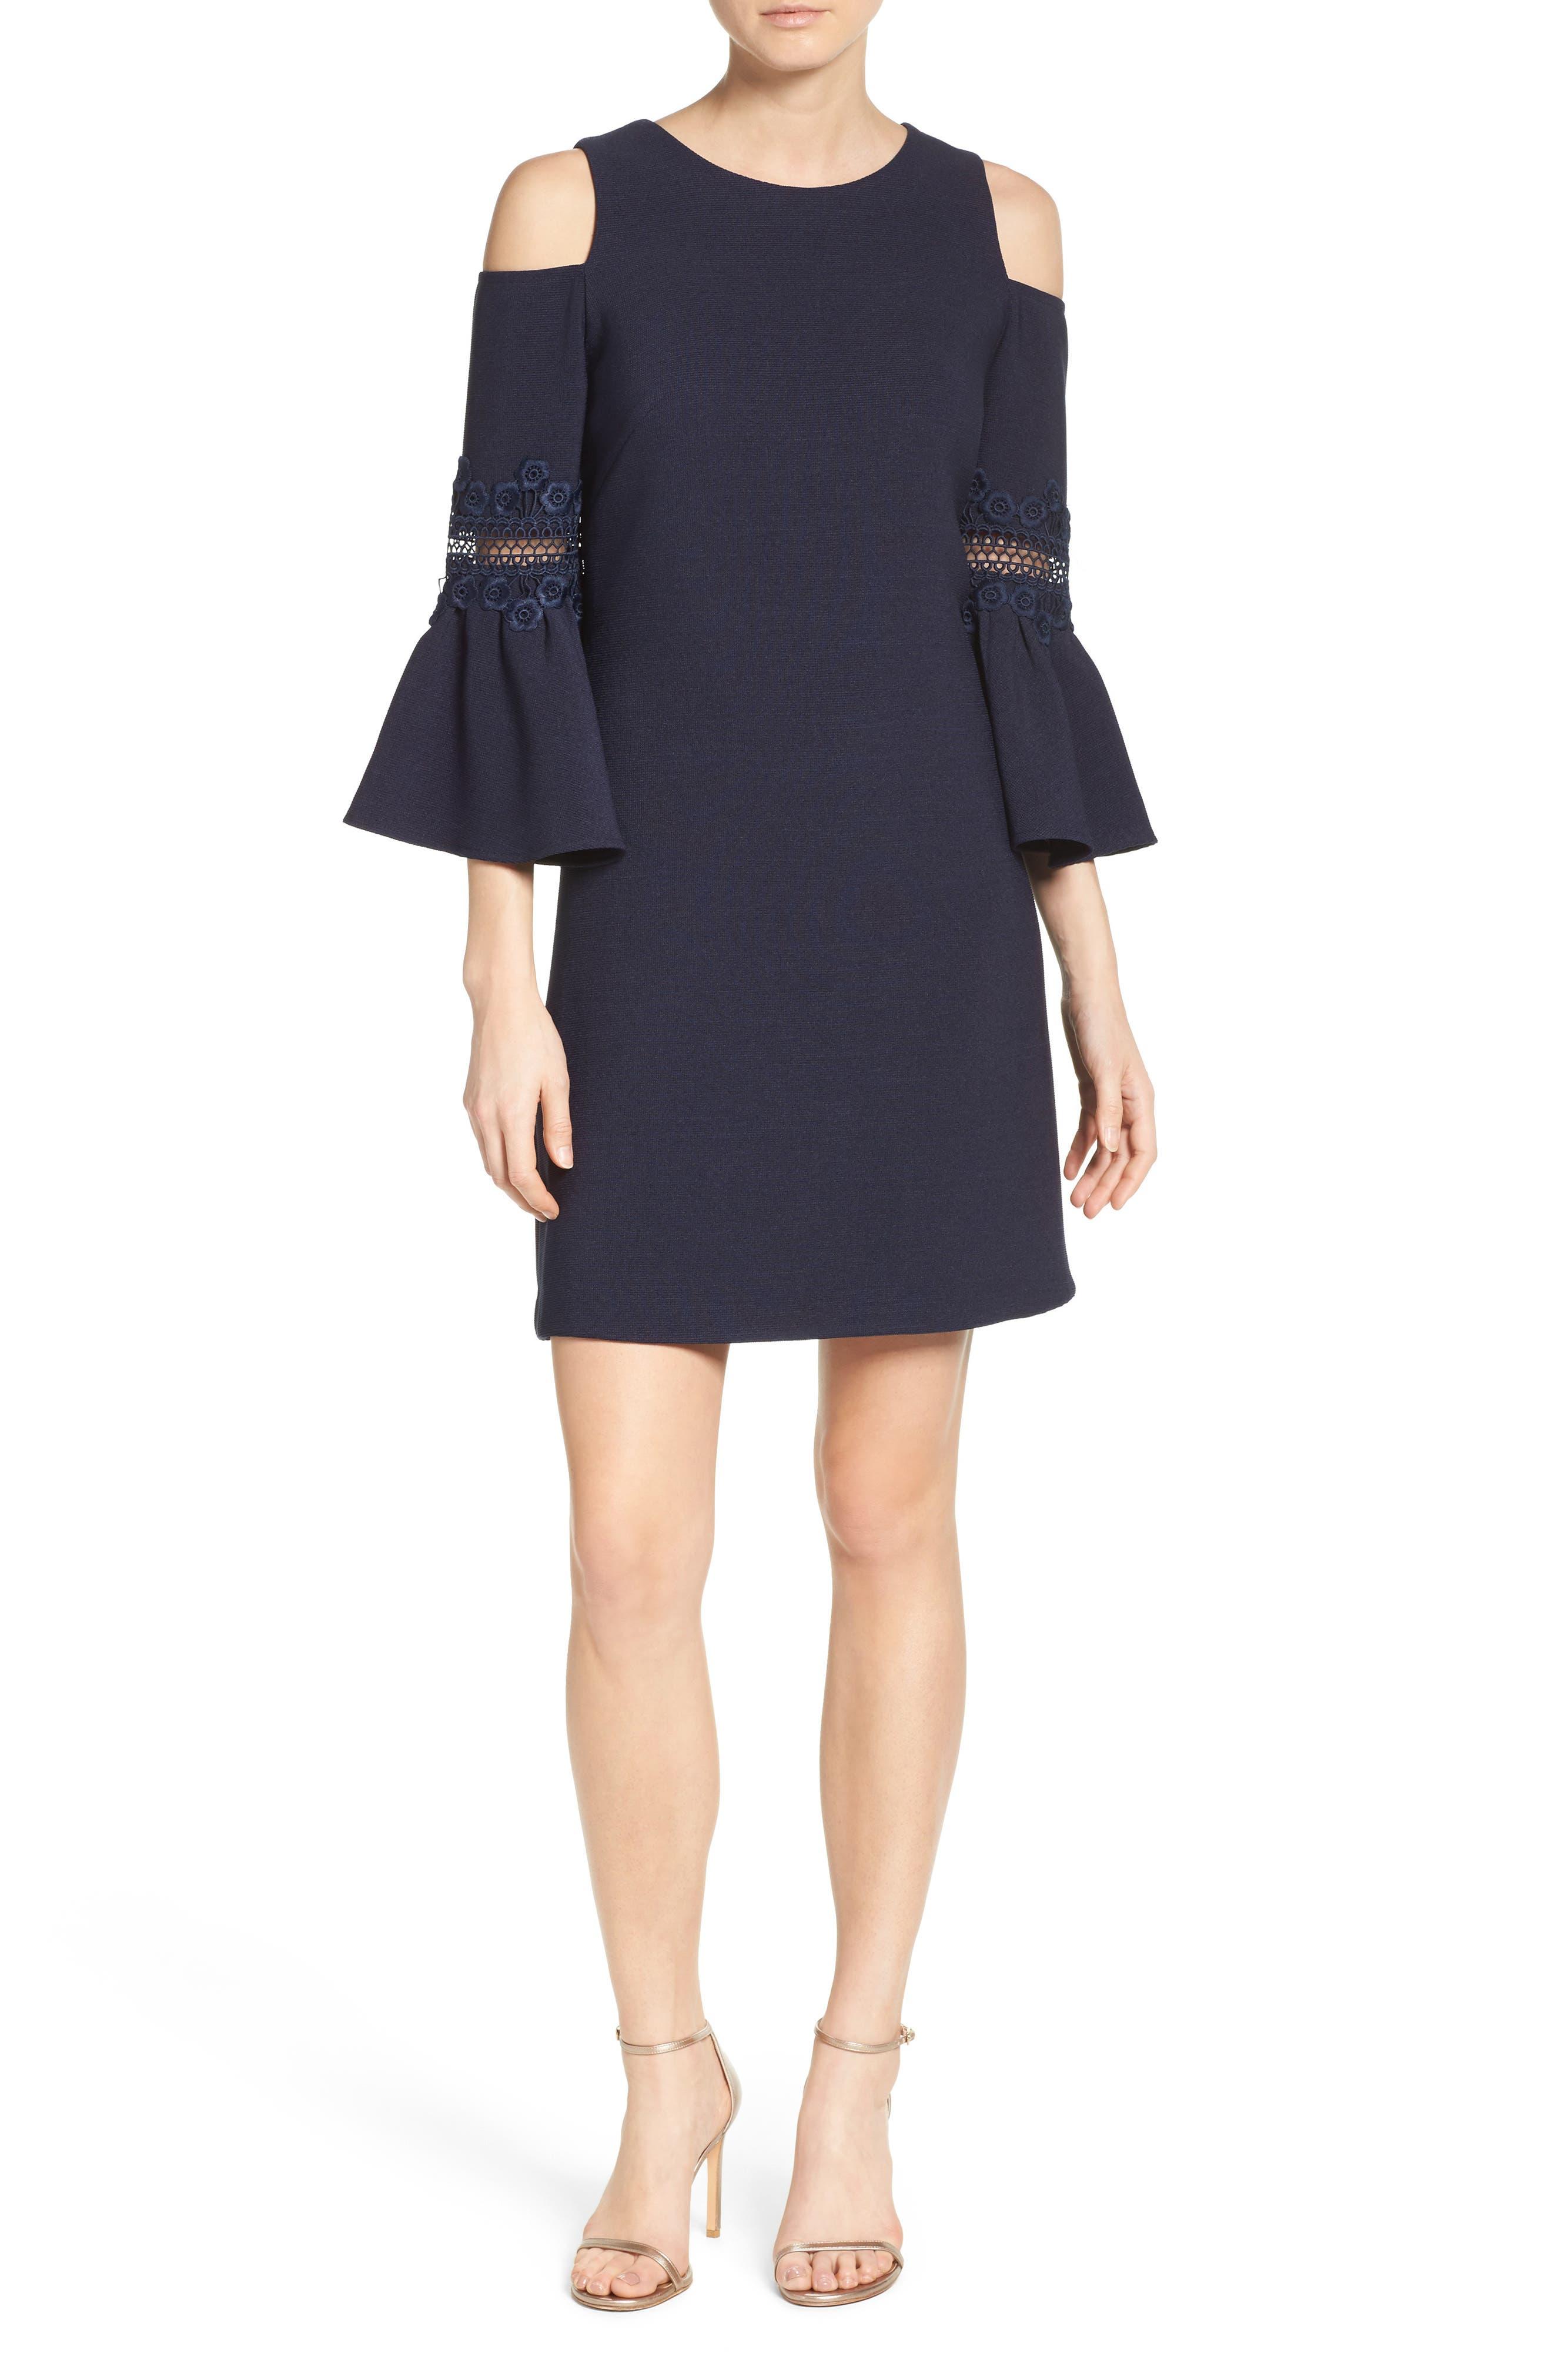 Lace Appliqué Crepe Cold Shoulder Dress,                             Alternate thumbnail 6, color,                             410